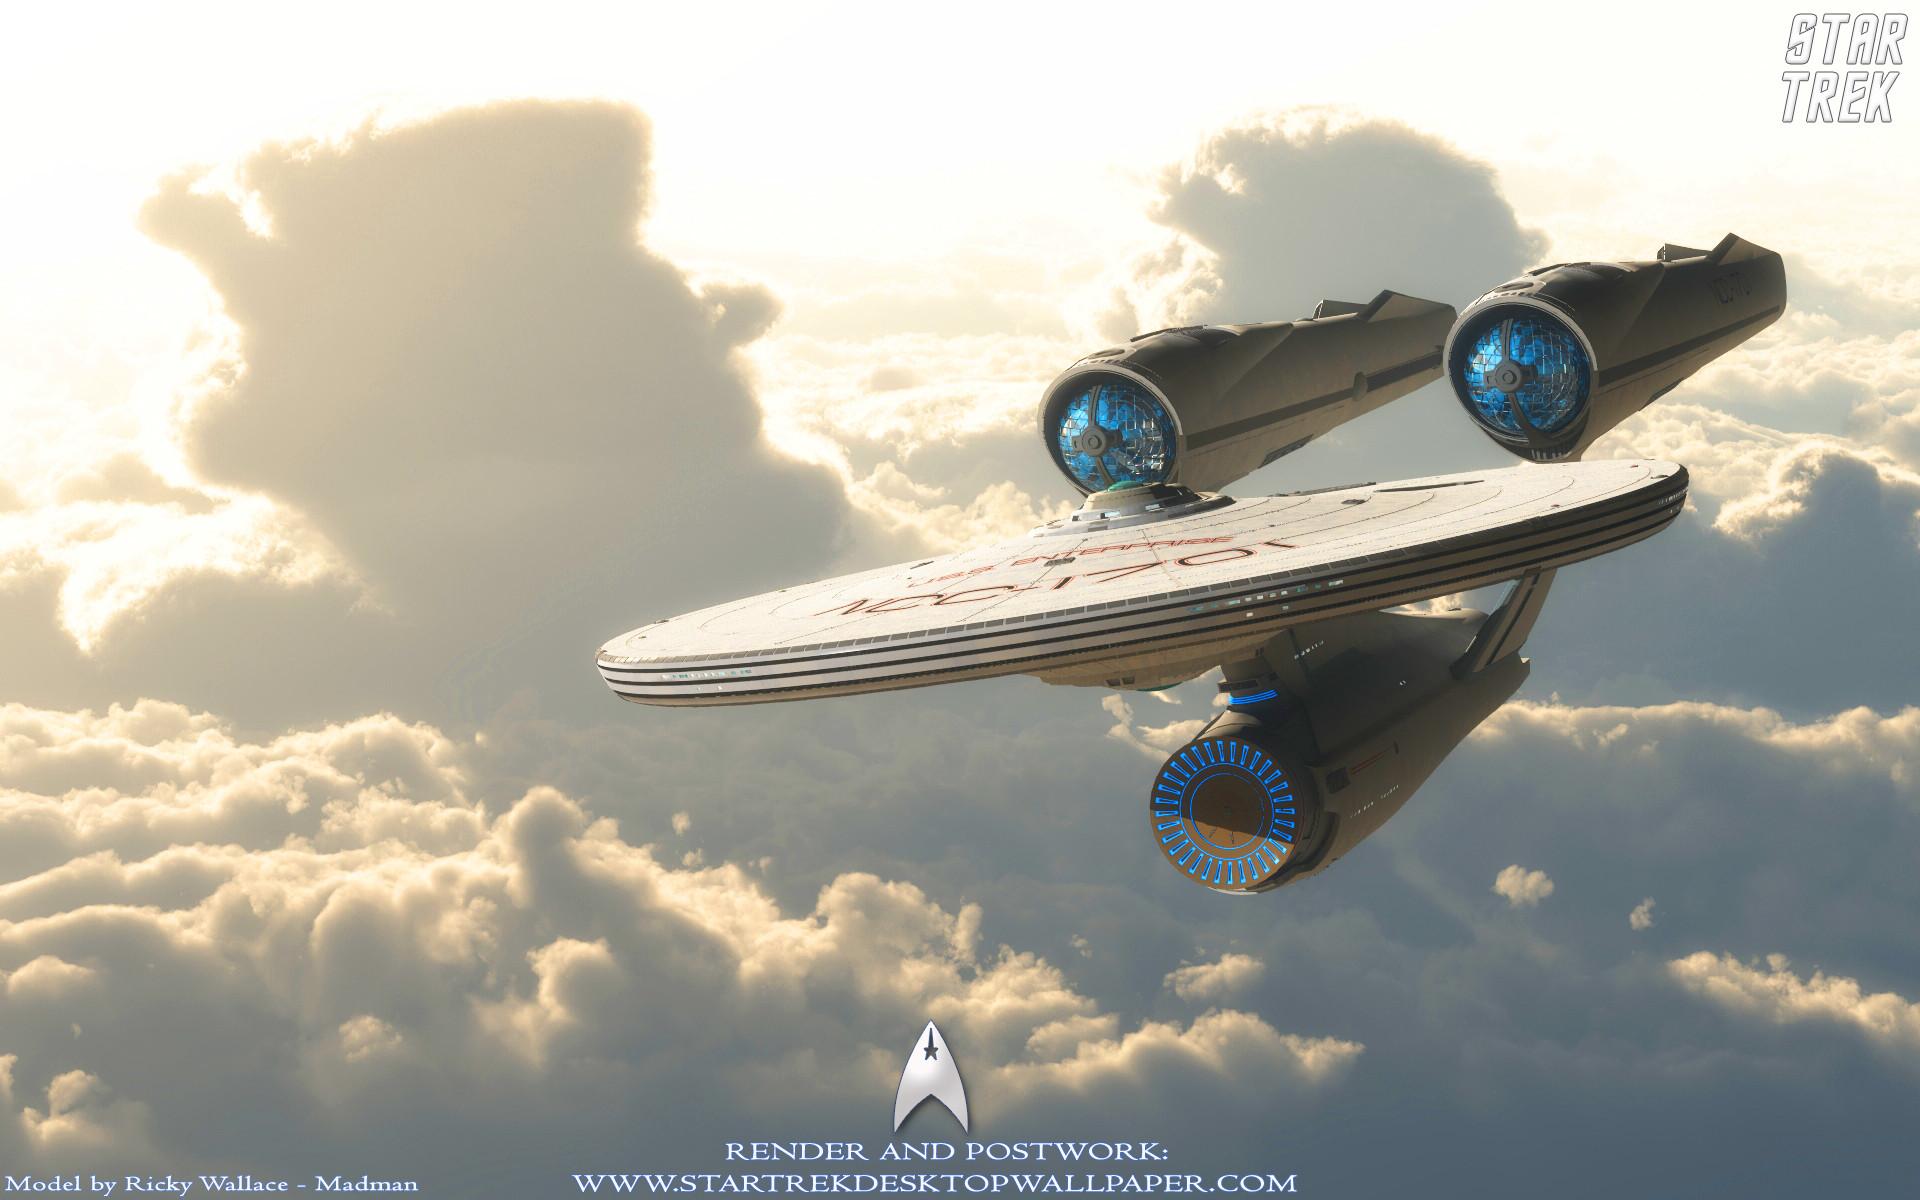 star trek enterprise wallpaper 183��